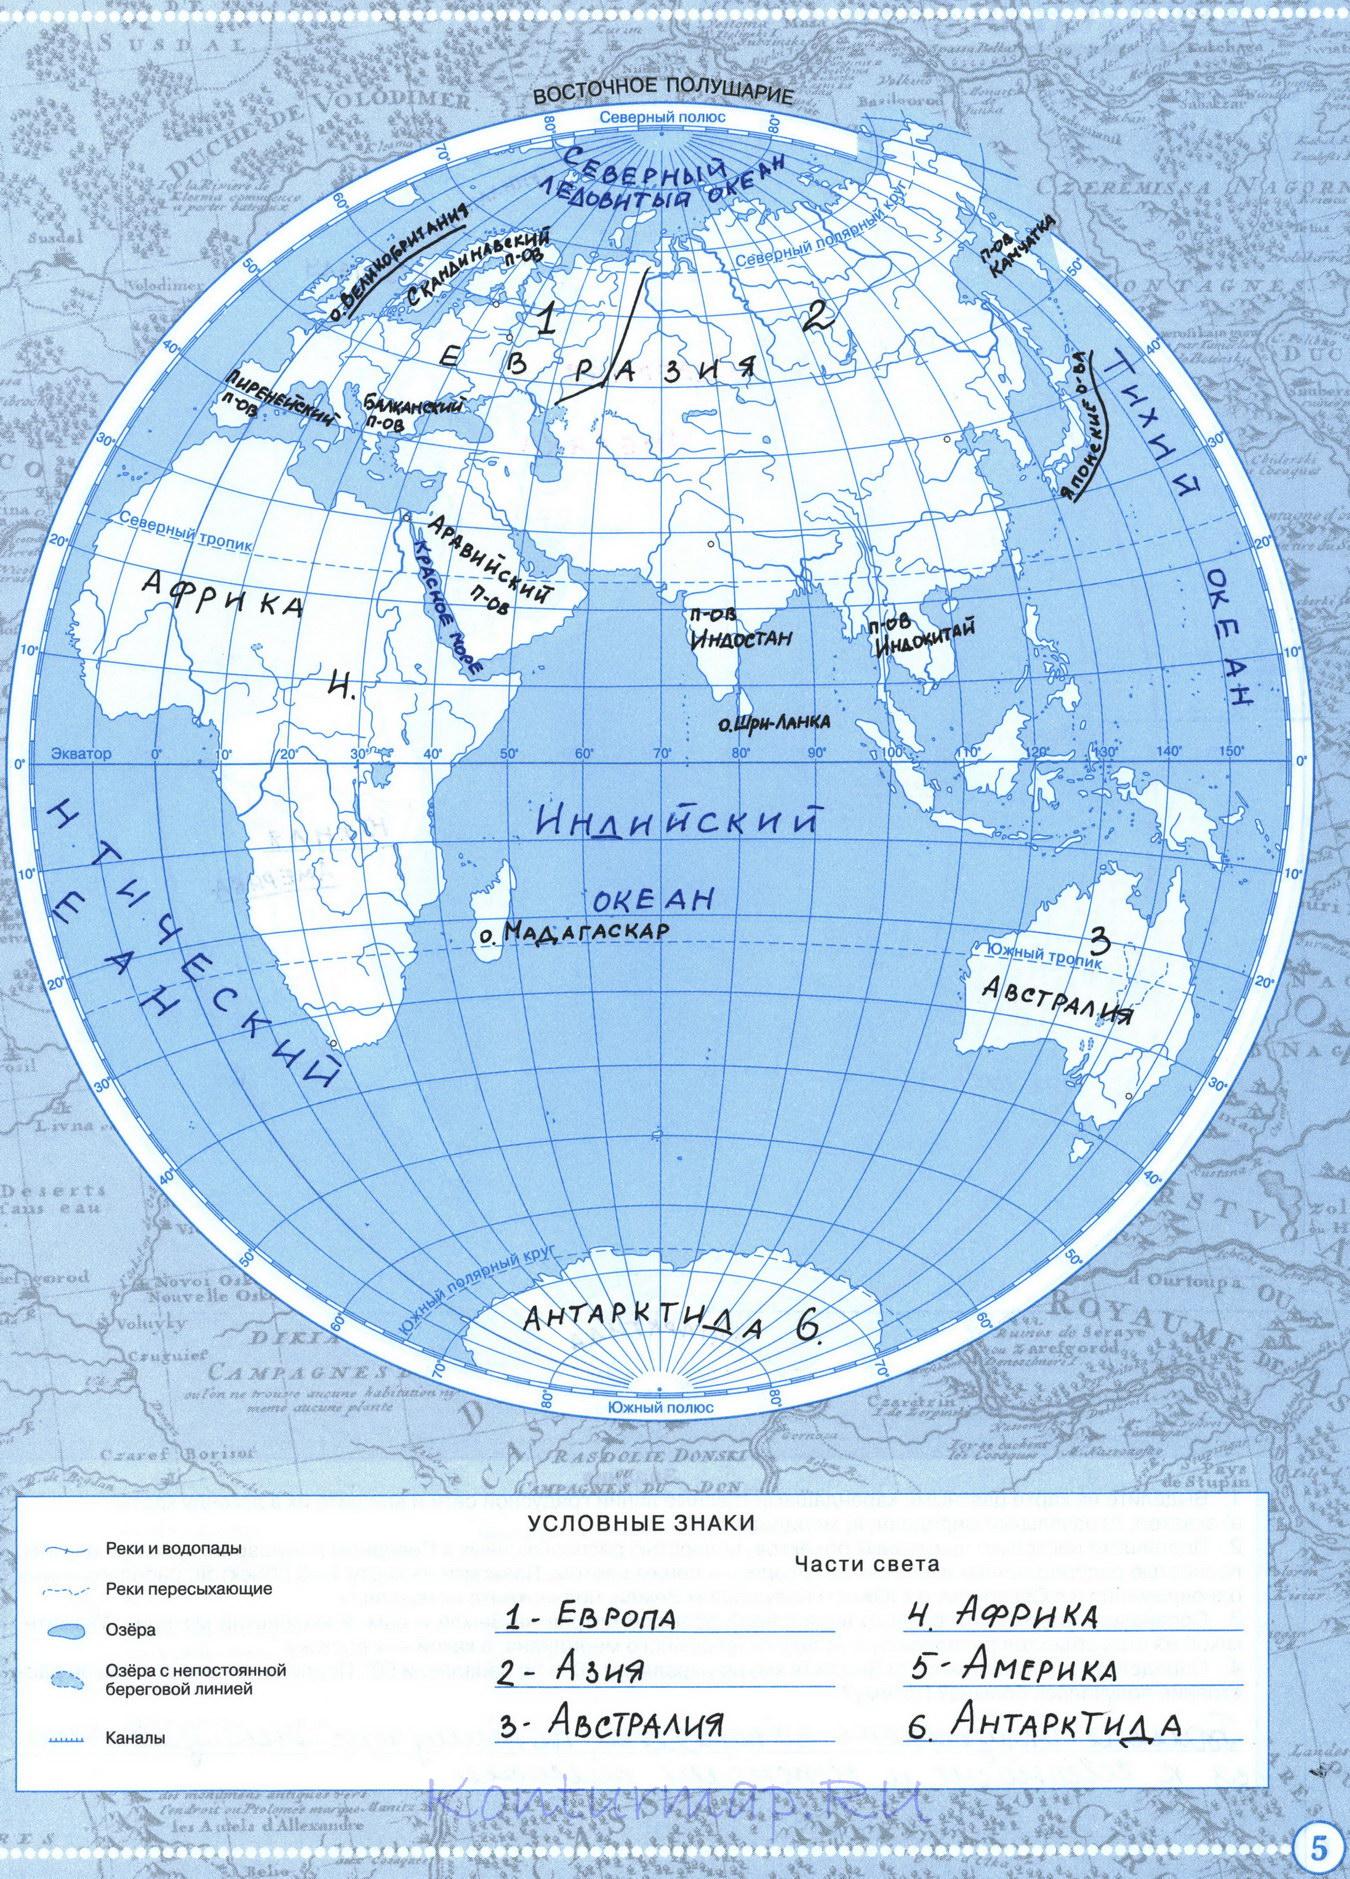 Контурные карты начальный курс географии 6 класс ответы карта полушарий